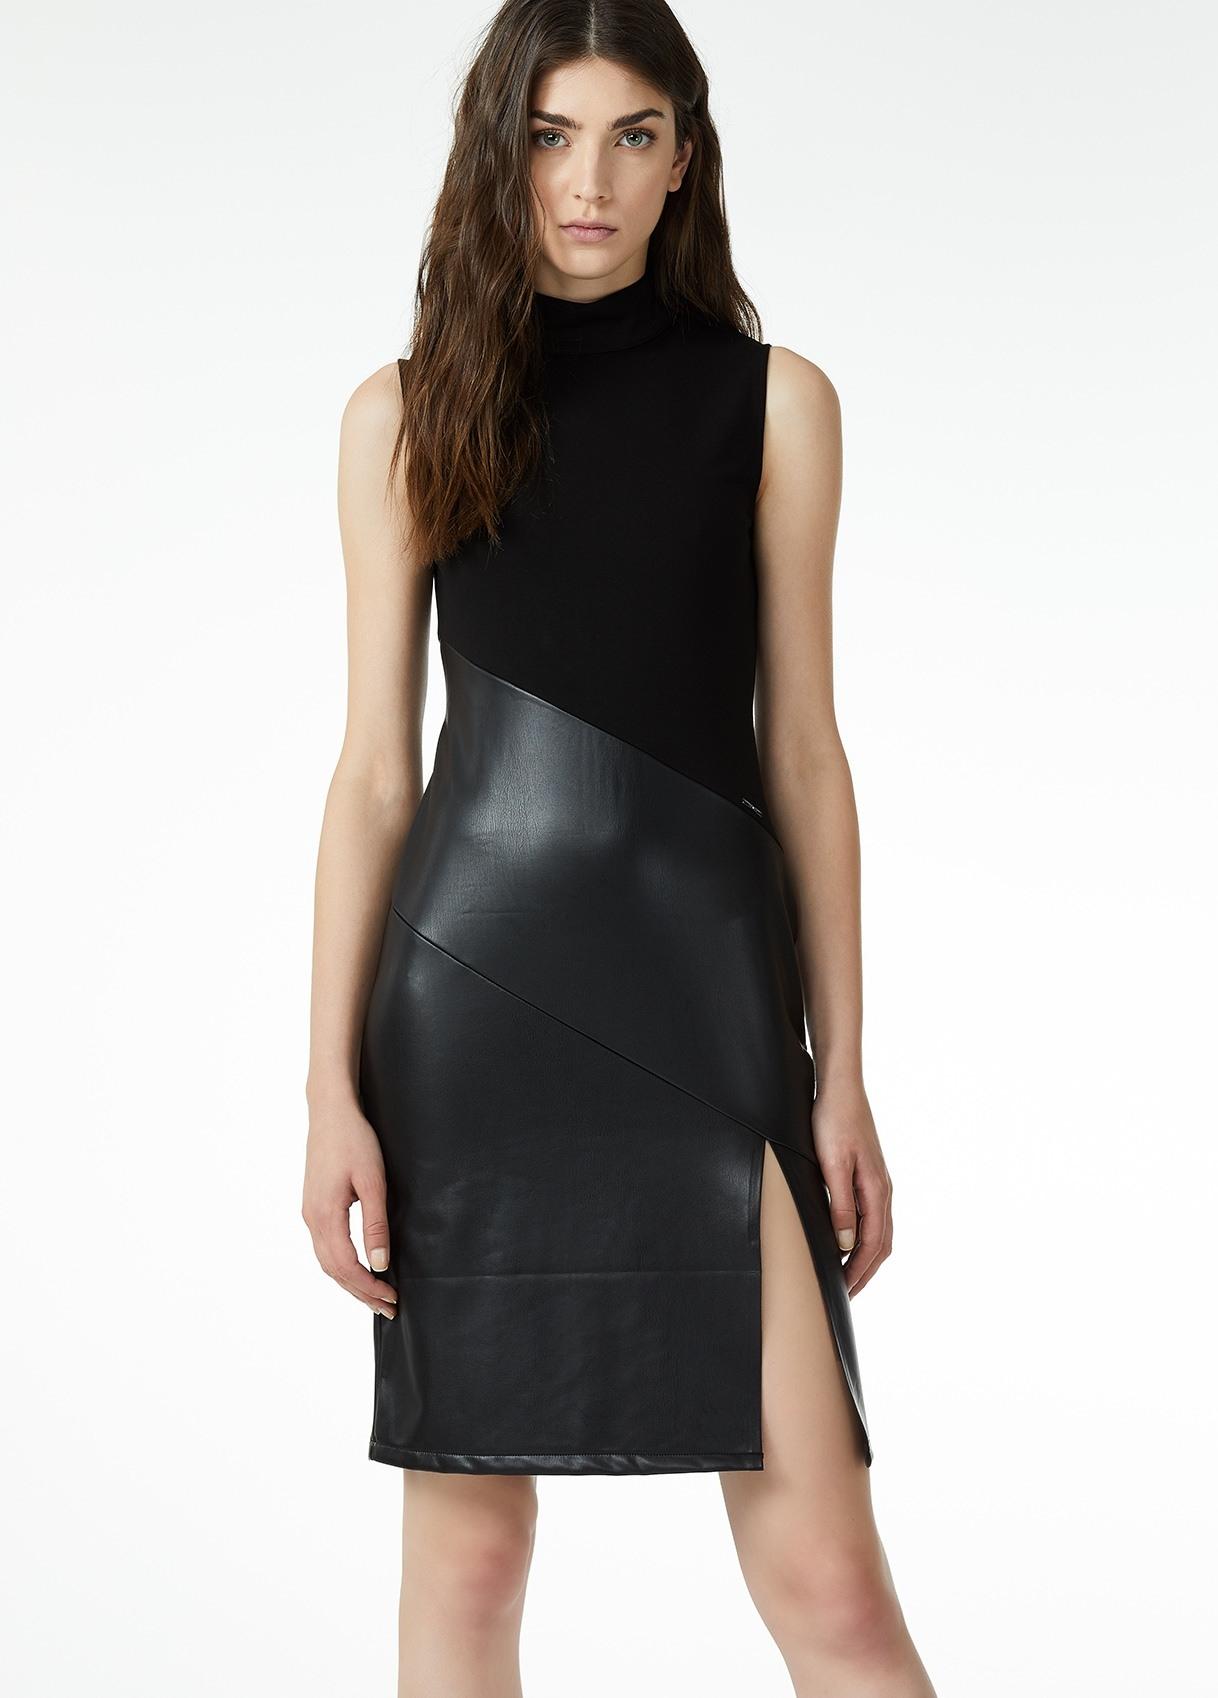 Abend Ausgezeichnet Kleid Eng für 201910 Fantastisch Kleid Eng Vertrieb